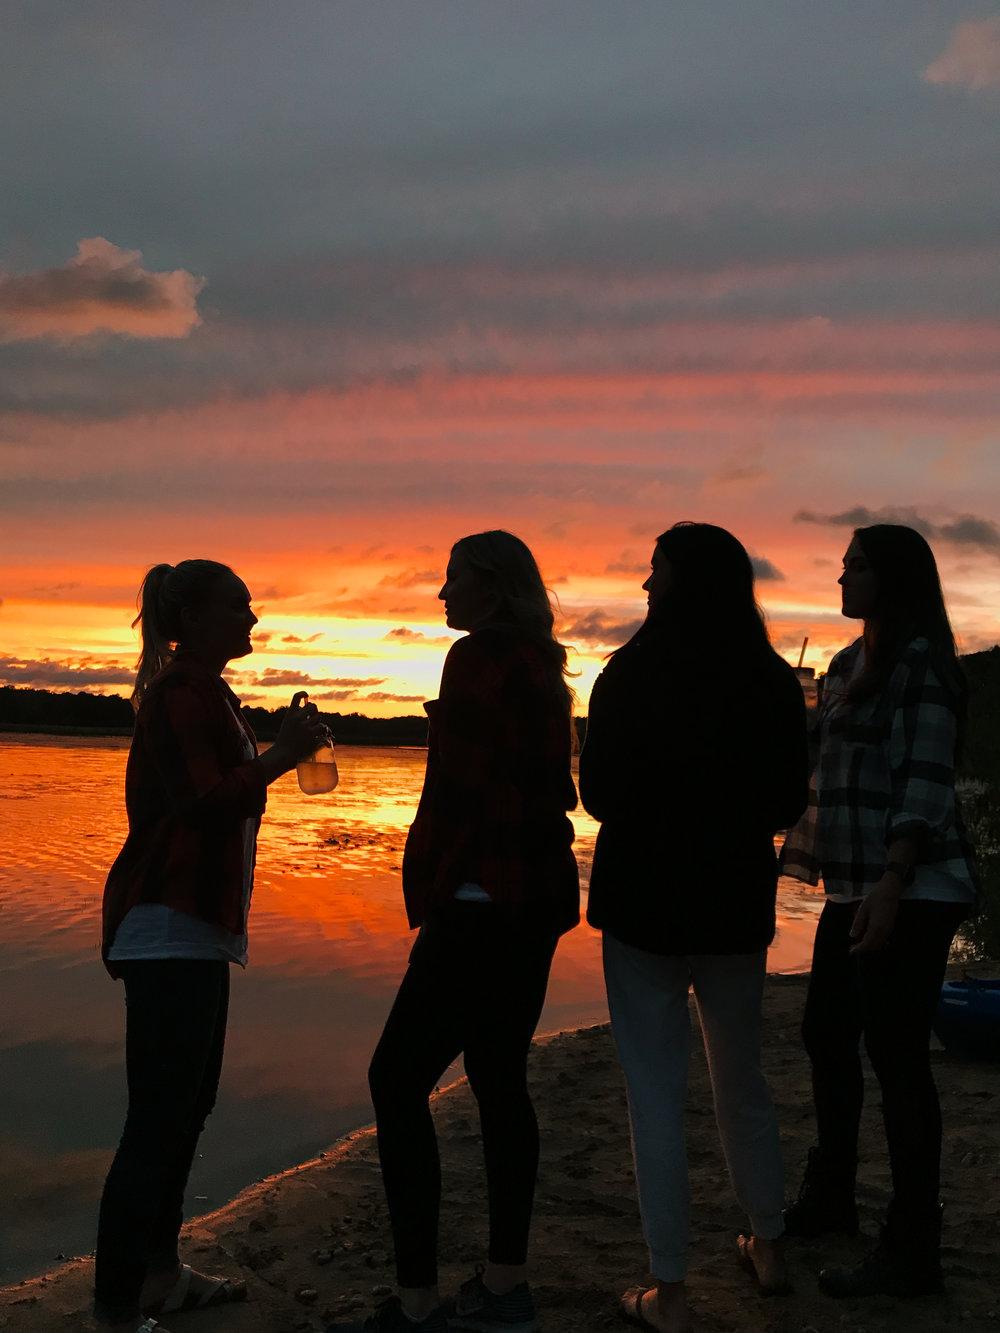 sunset_sisters_glamping_bachelorette.jpg